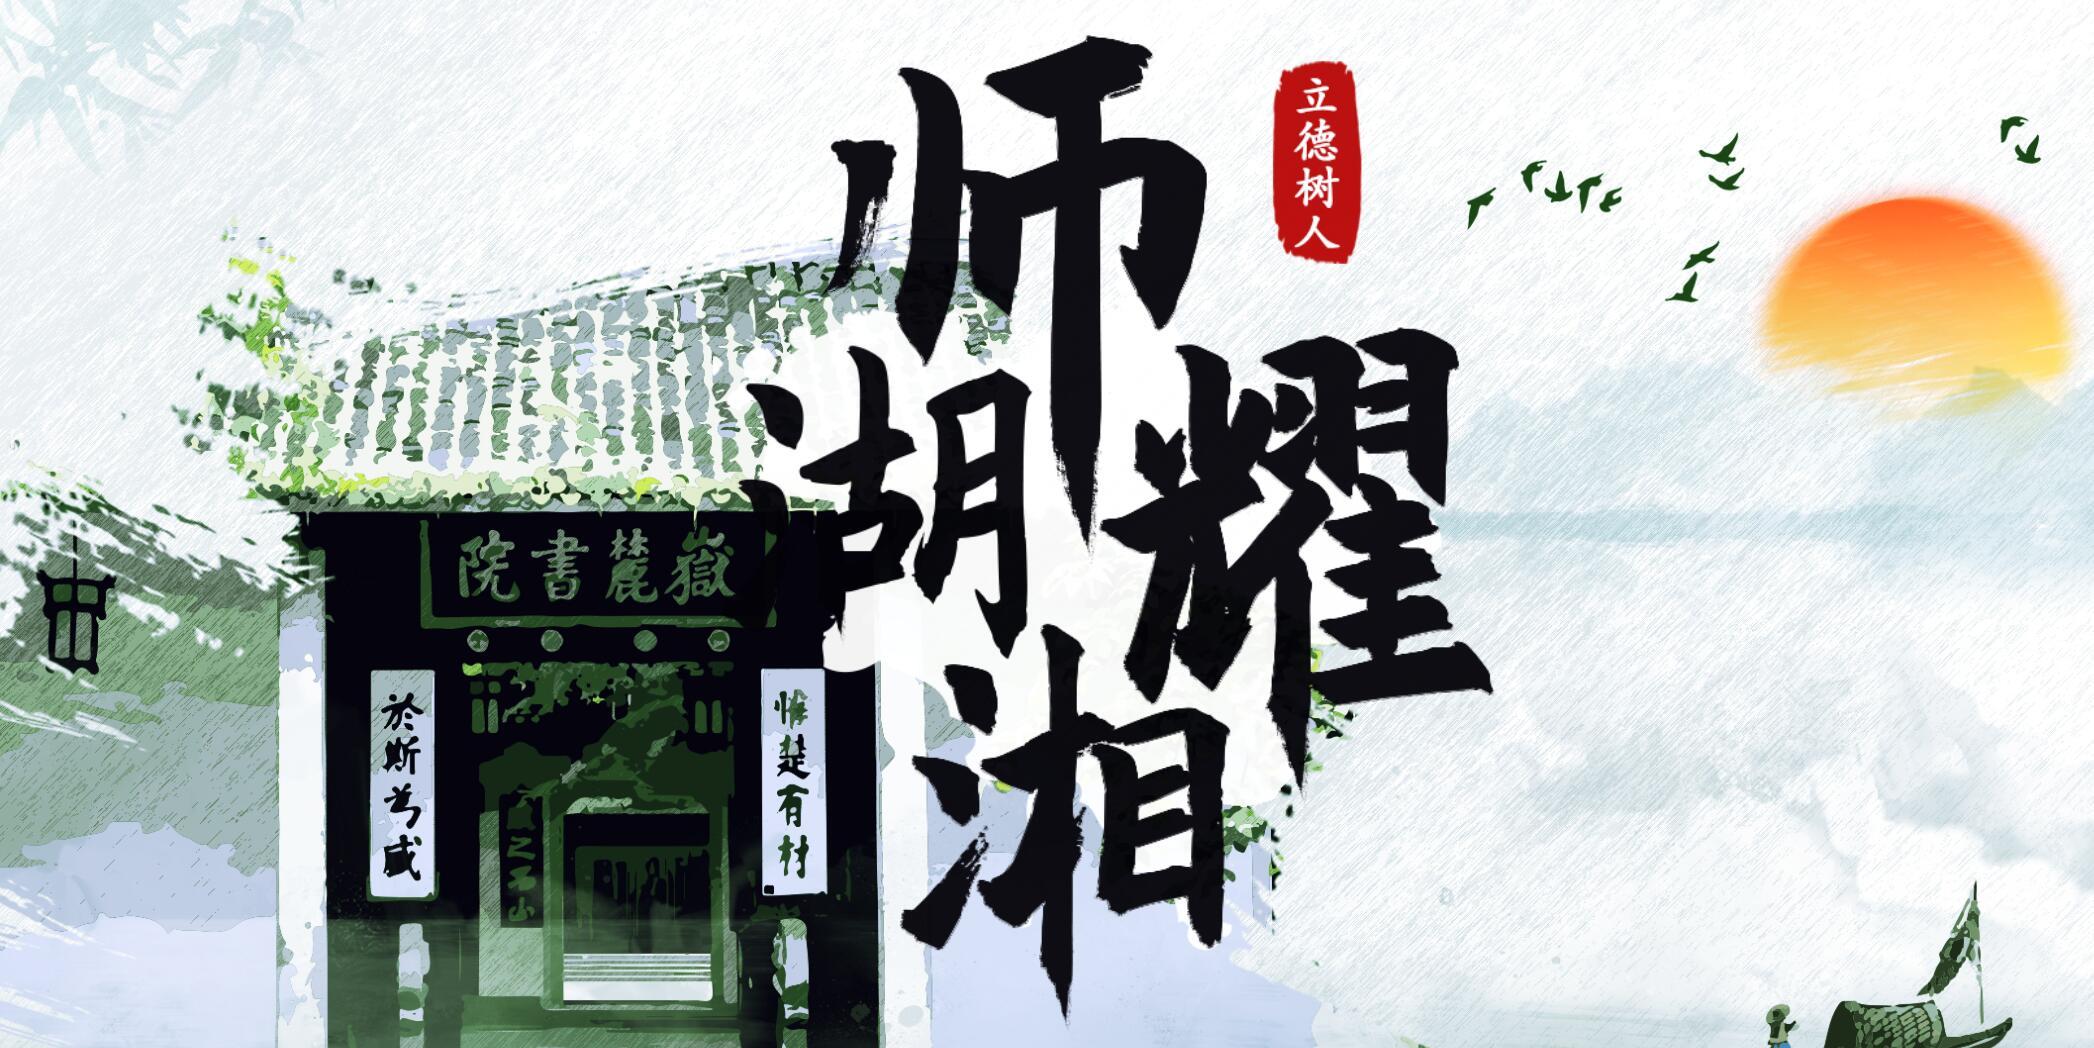 【专题】师耀湖湘——他们是当代教师的榜样